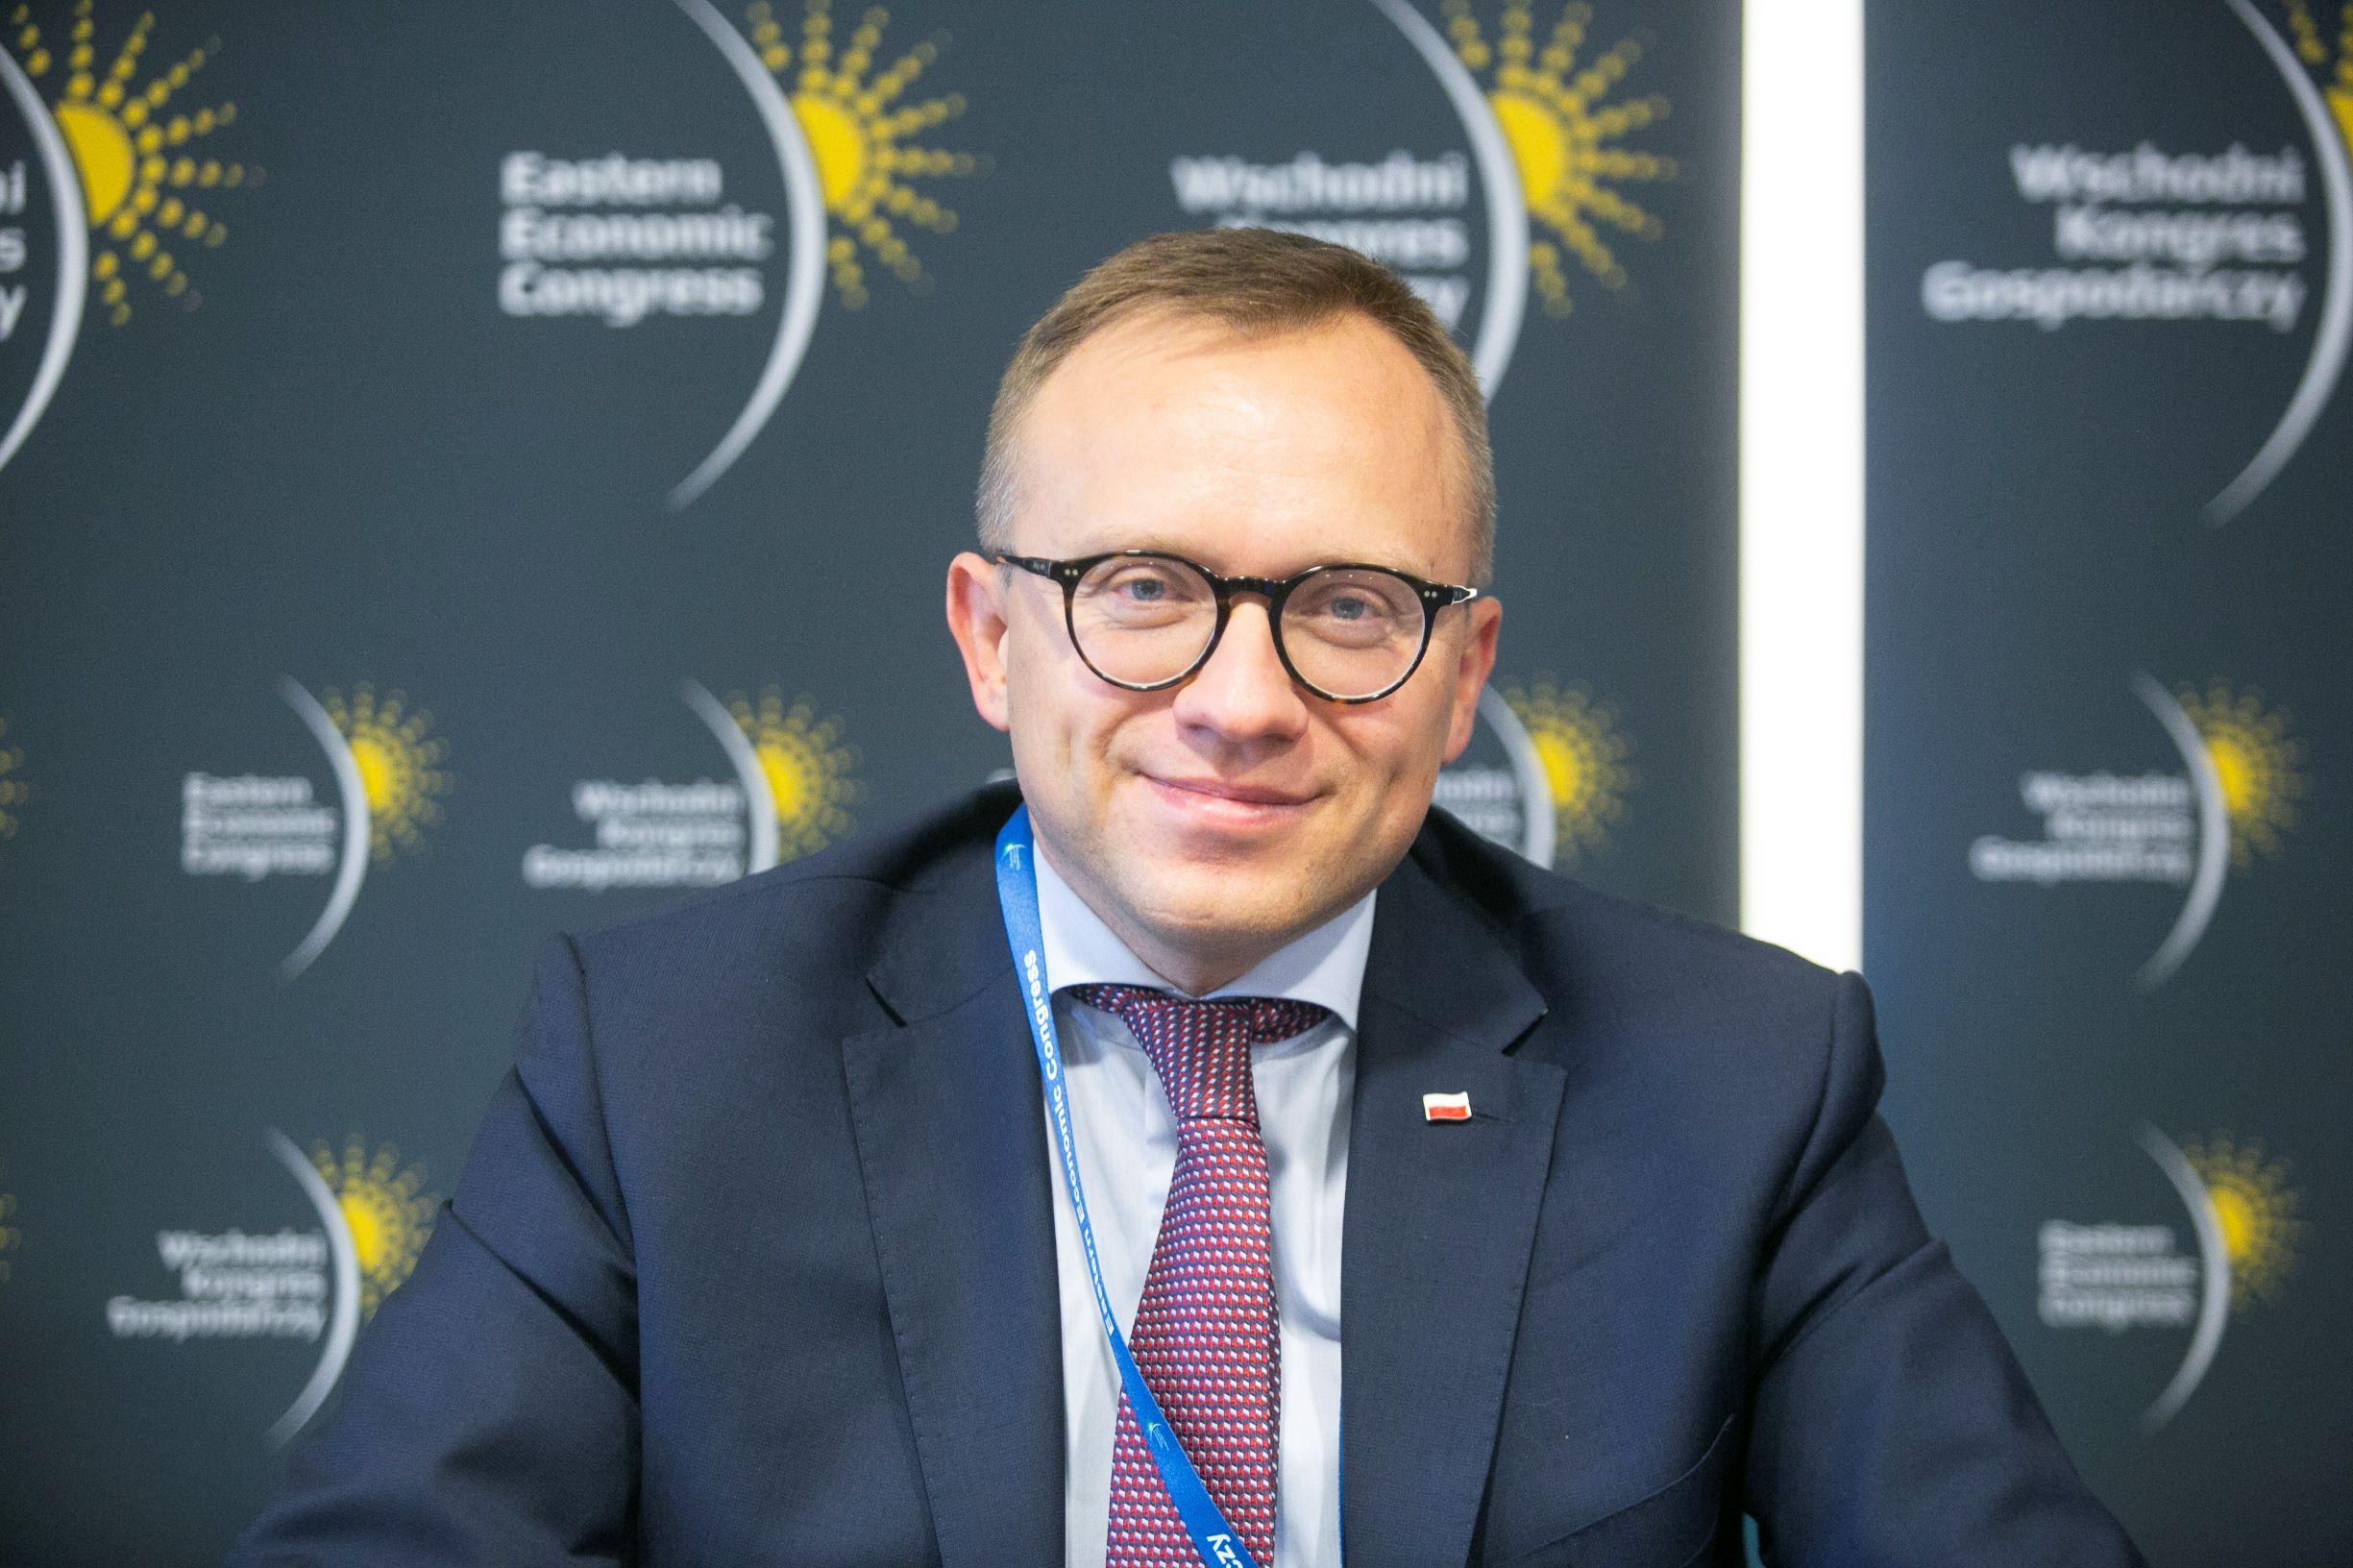 Artur Soboń, sekretarz stanu w Ministerstwie Inwestycji i Rozwoju (fot. PTWP/Paweł Pawłowski)